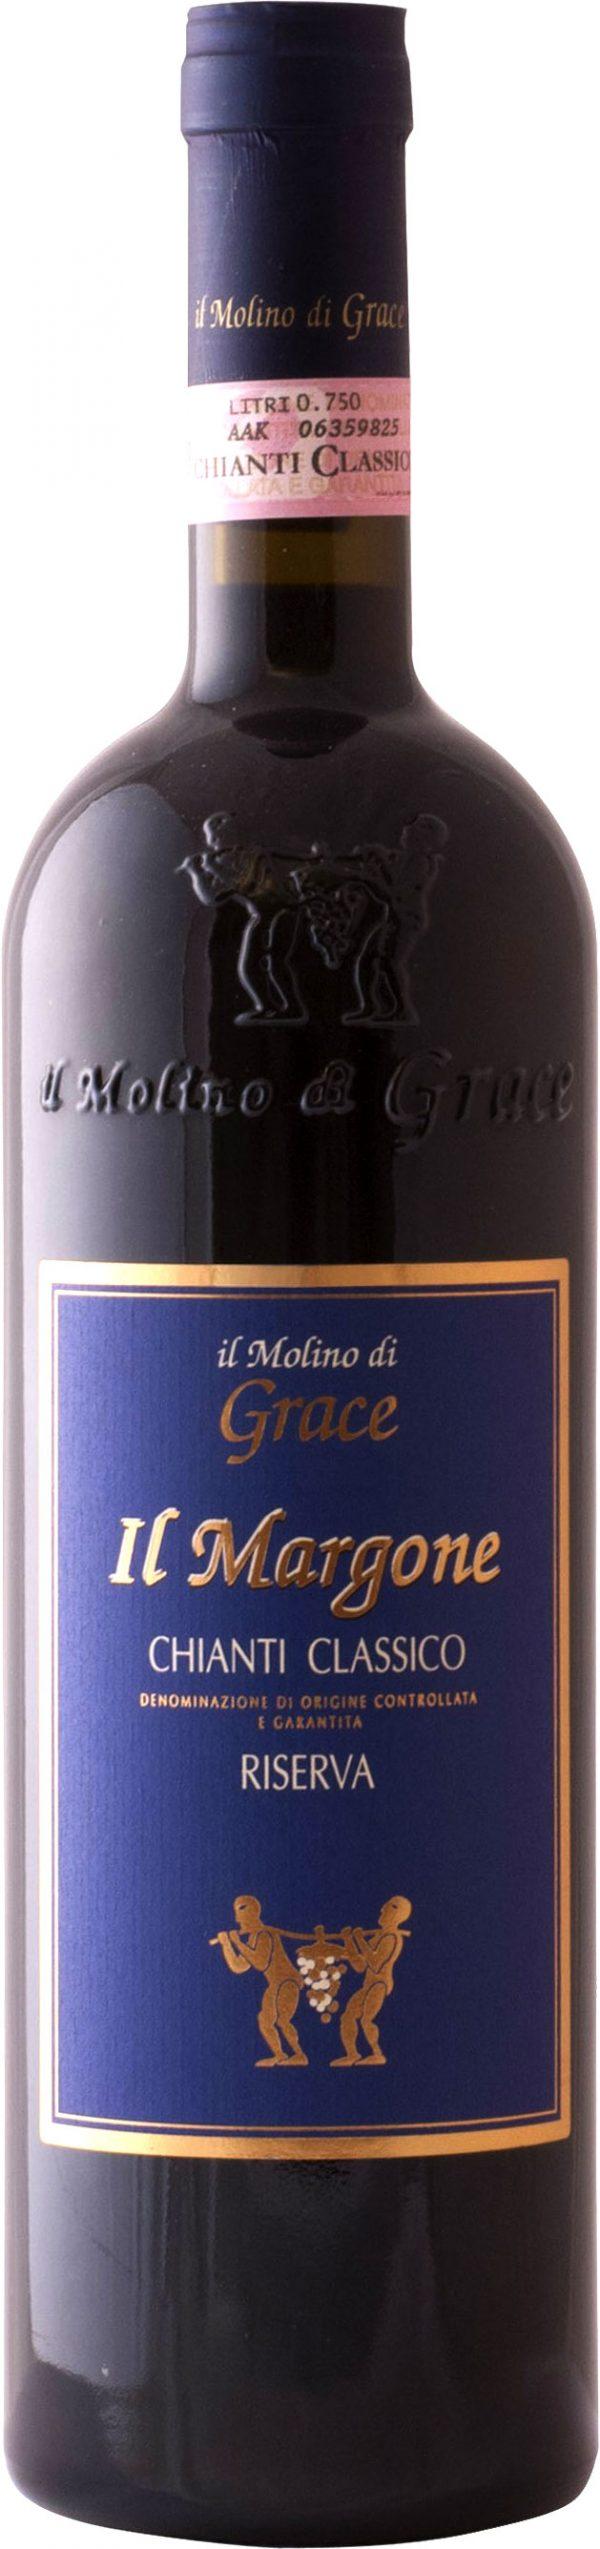 Molino di Grace - Chianti Classico Riserva Il Margone DOCG 2012 75cl Bottle